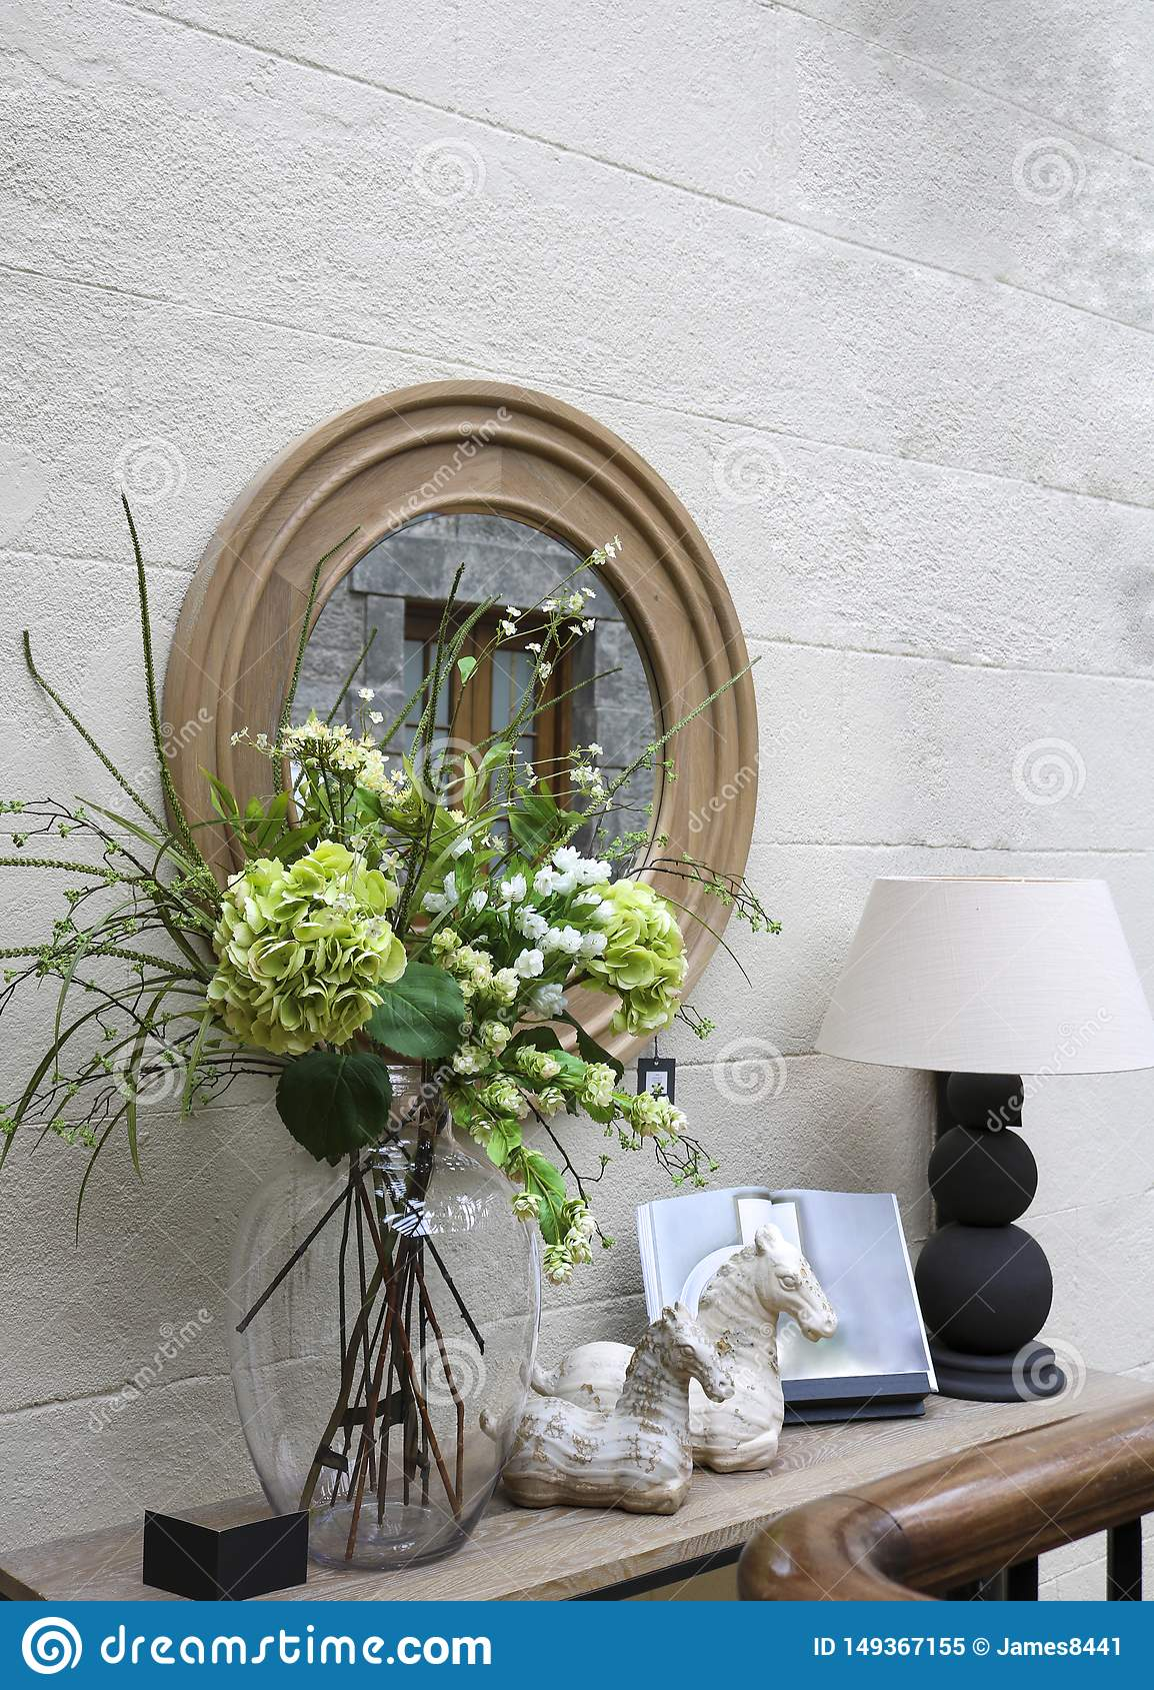 D?coration d?corative de mur : un miroir, une console avec une lampe, fleurs et bibelots